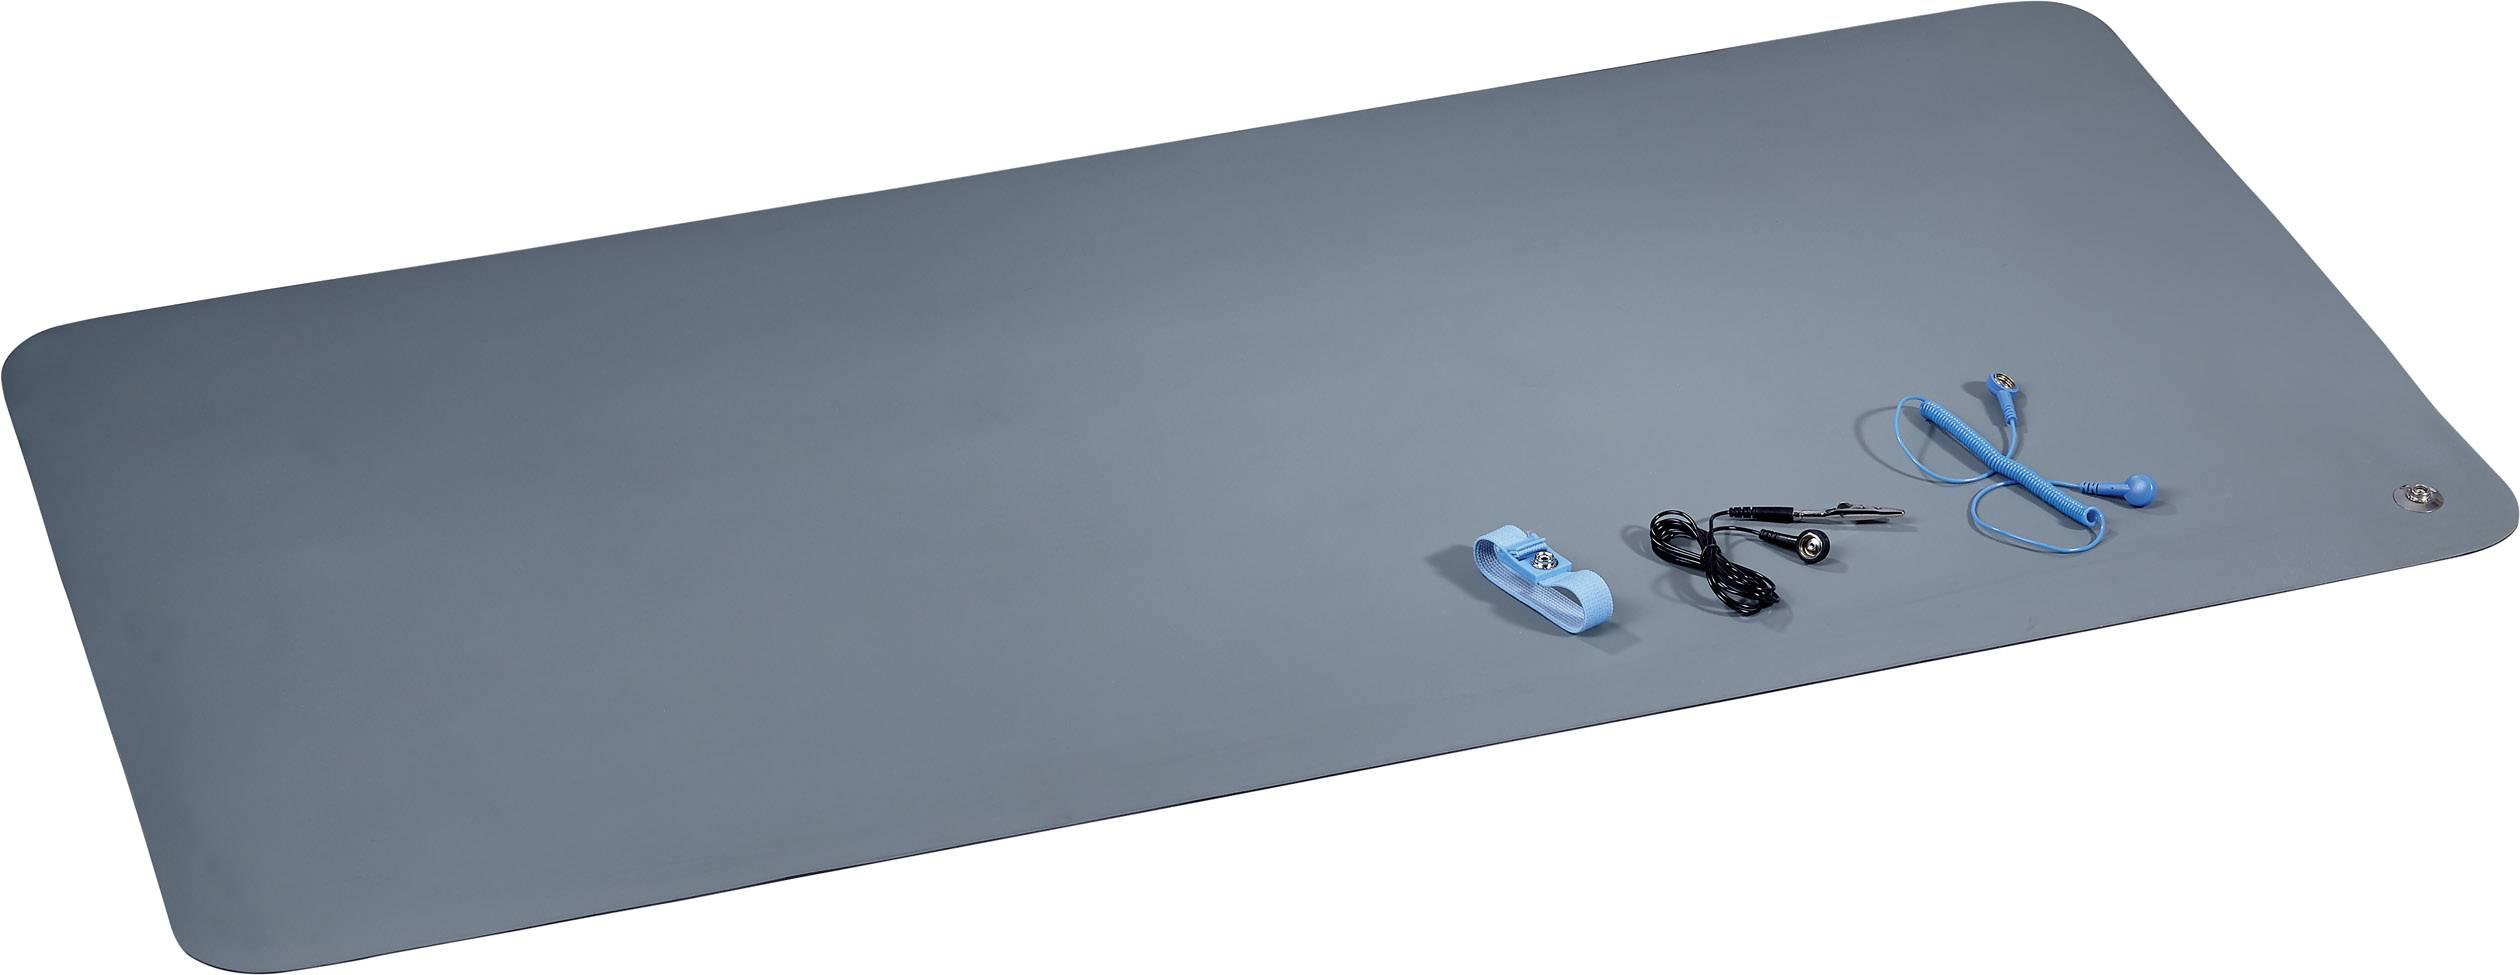 Sada ESD podložek na stůl, ESDM-1190BG, (D x Š) 119 cm x 59 cm, šedá/černá